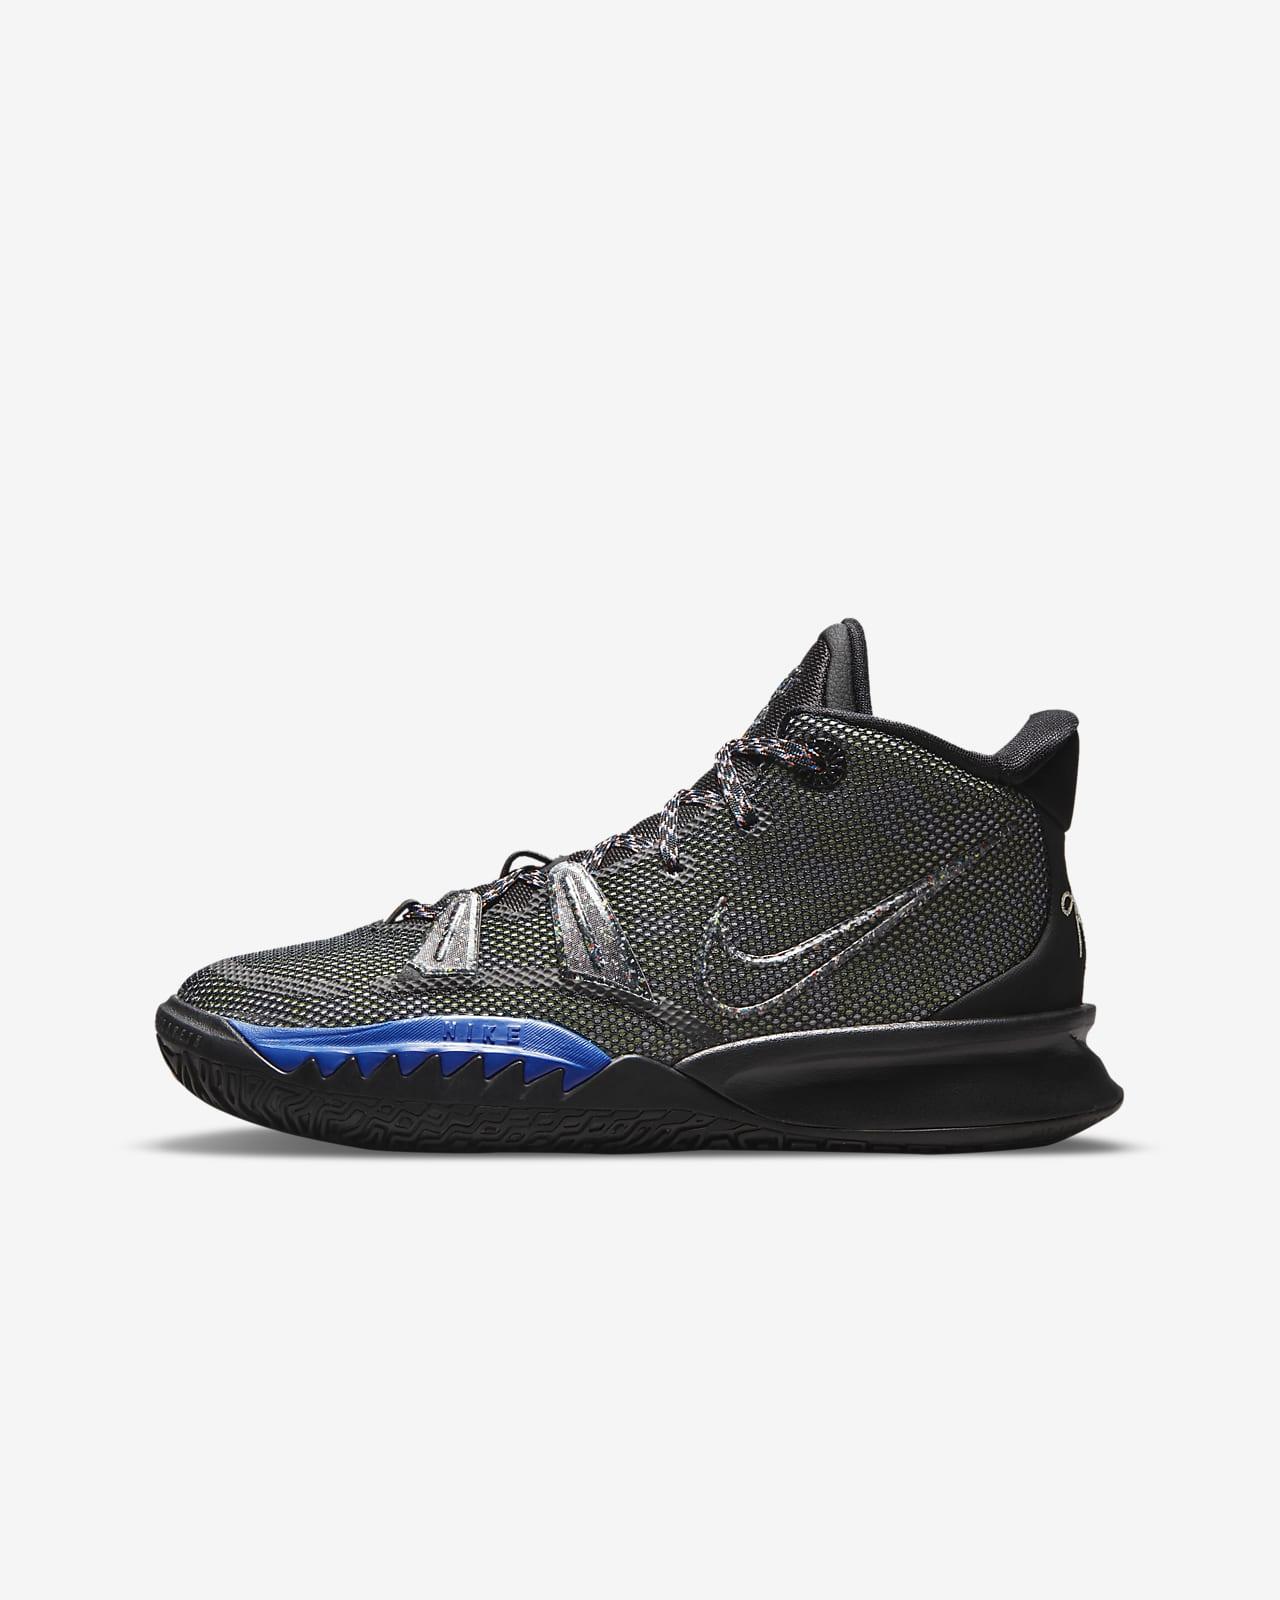 Chaussure de basketball Kyrie 7 pour Enfant plus âgé